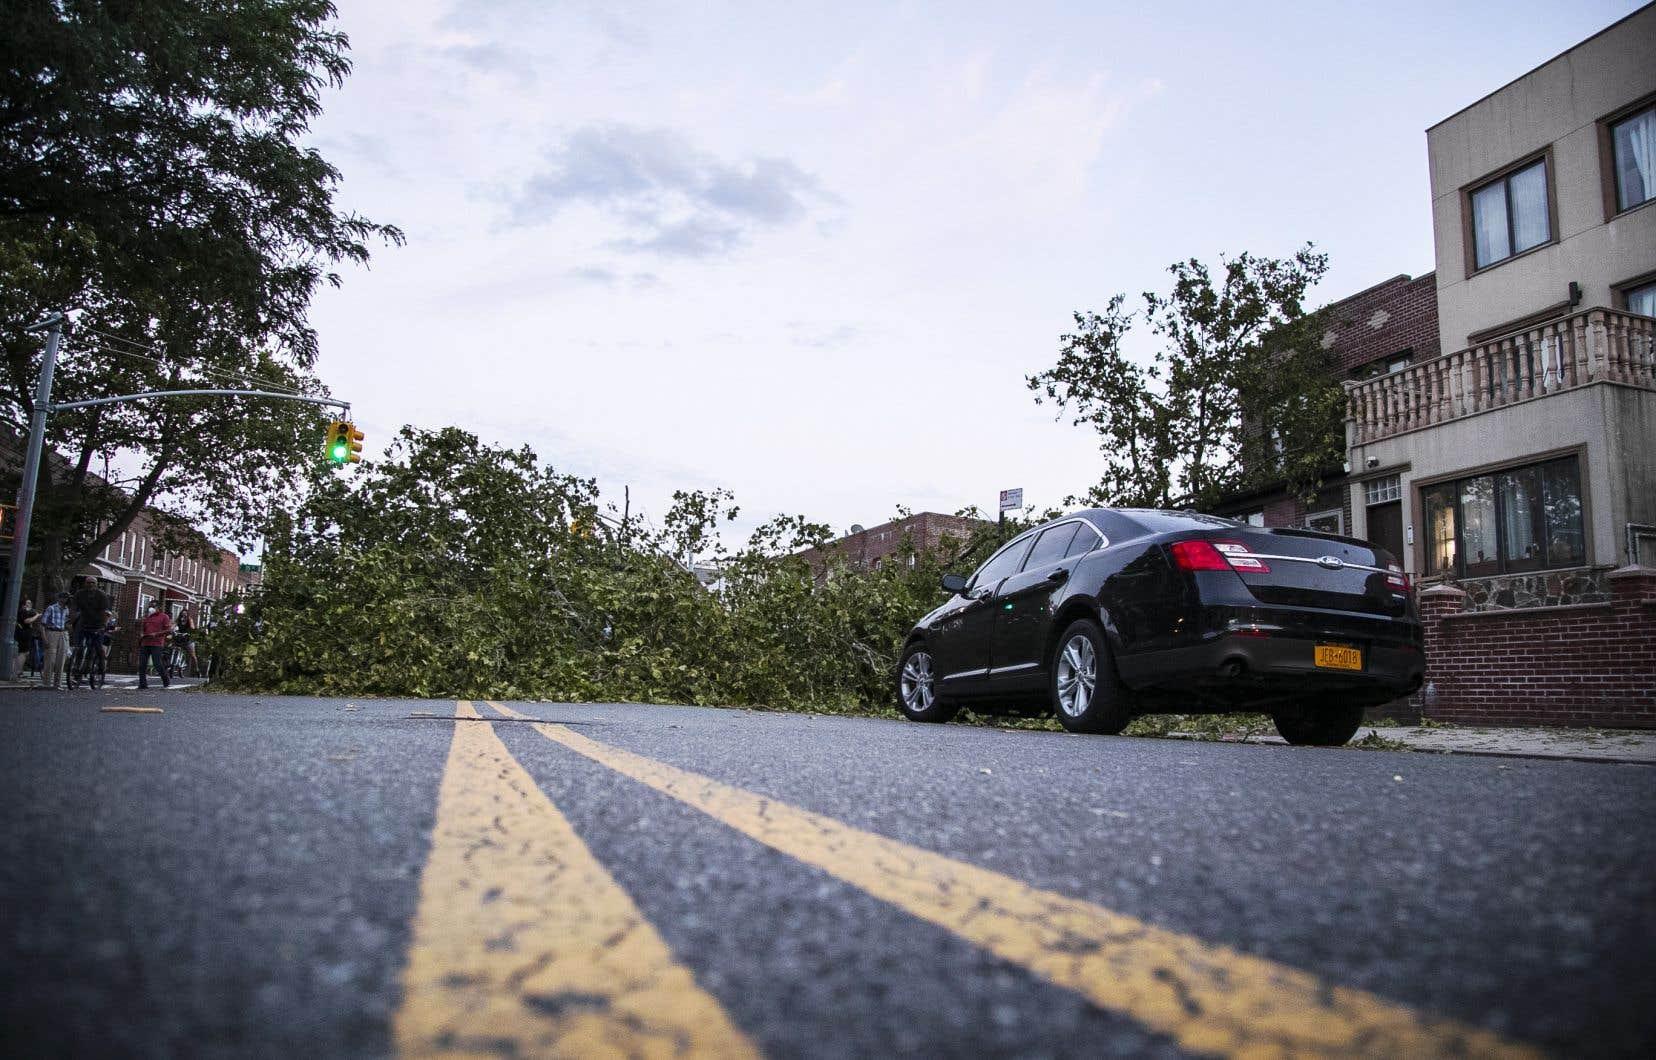 La tempête avait causé des dégâts importants à New York, mardi. Au Québec, aucune entrave majeur au réseau routier n'a été rapportée.